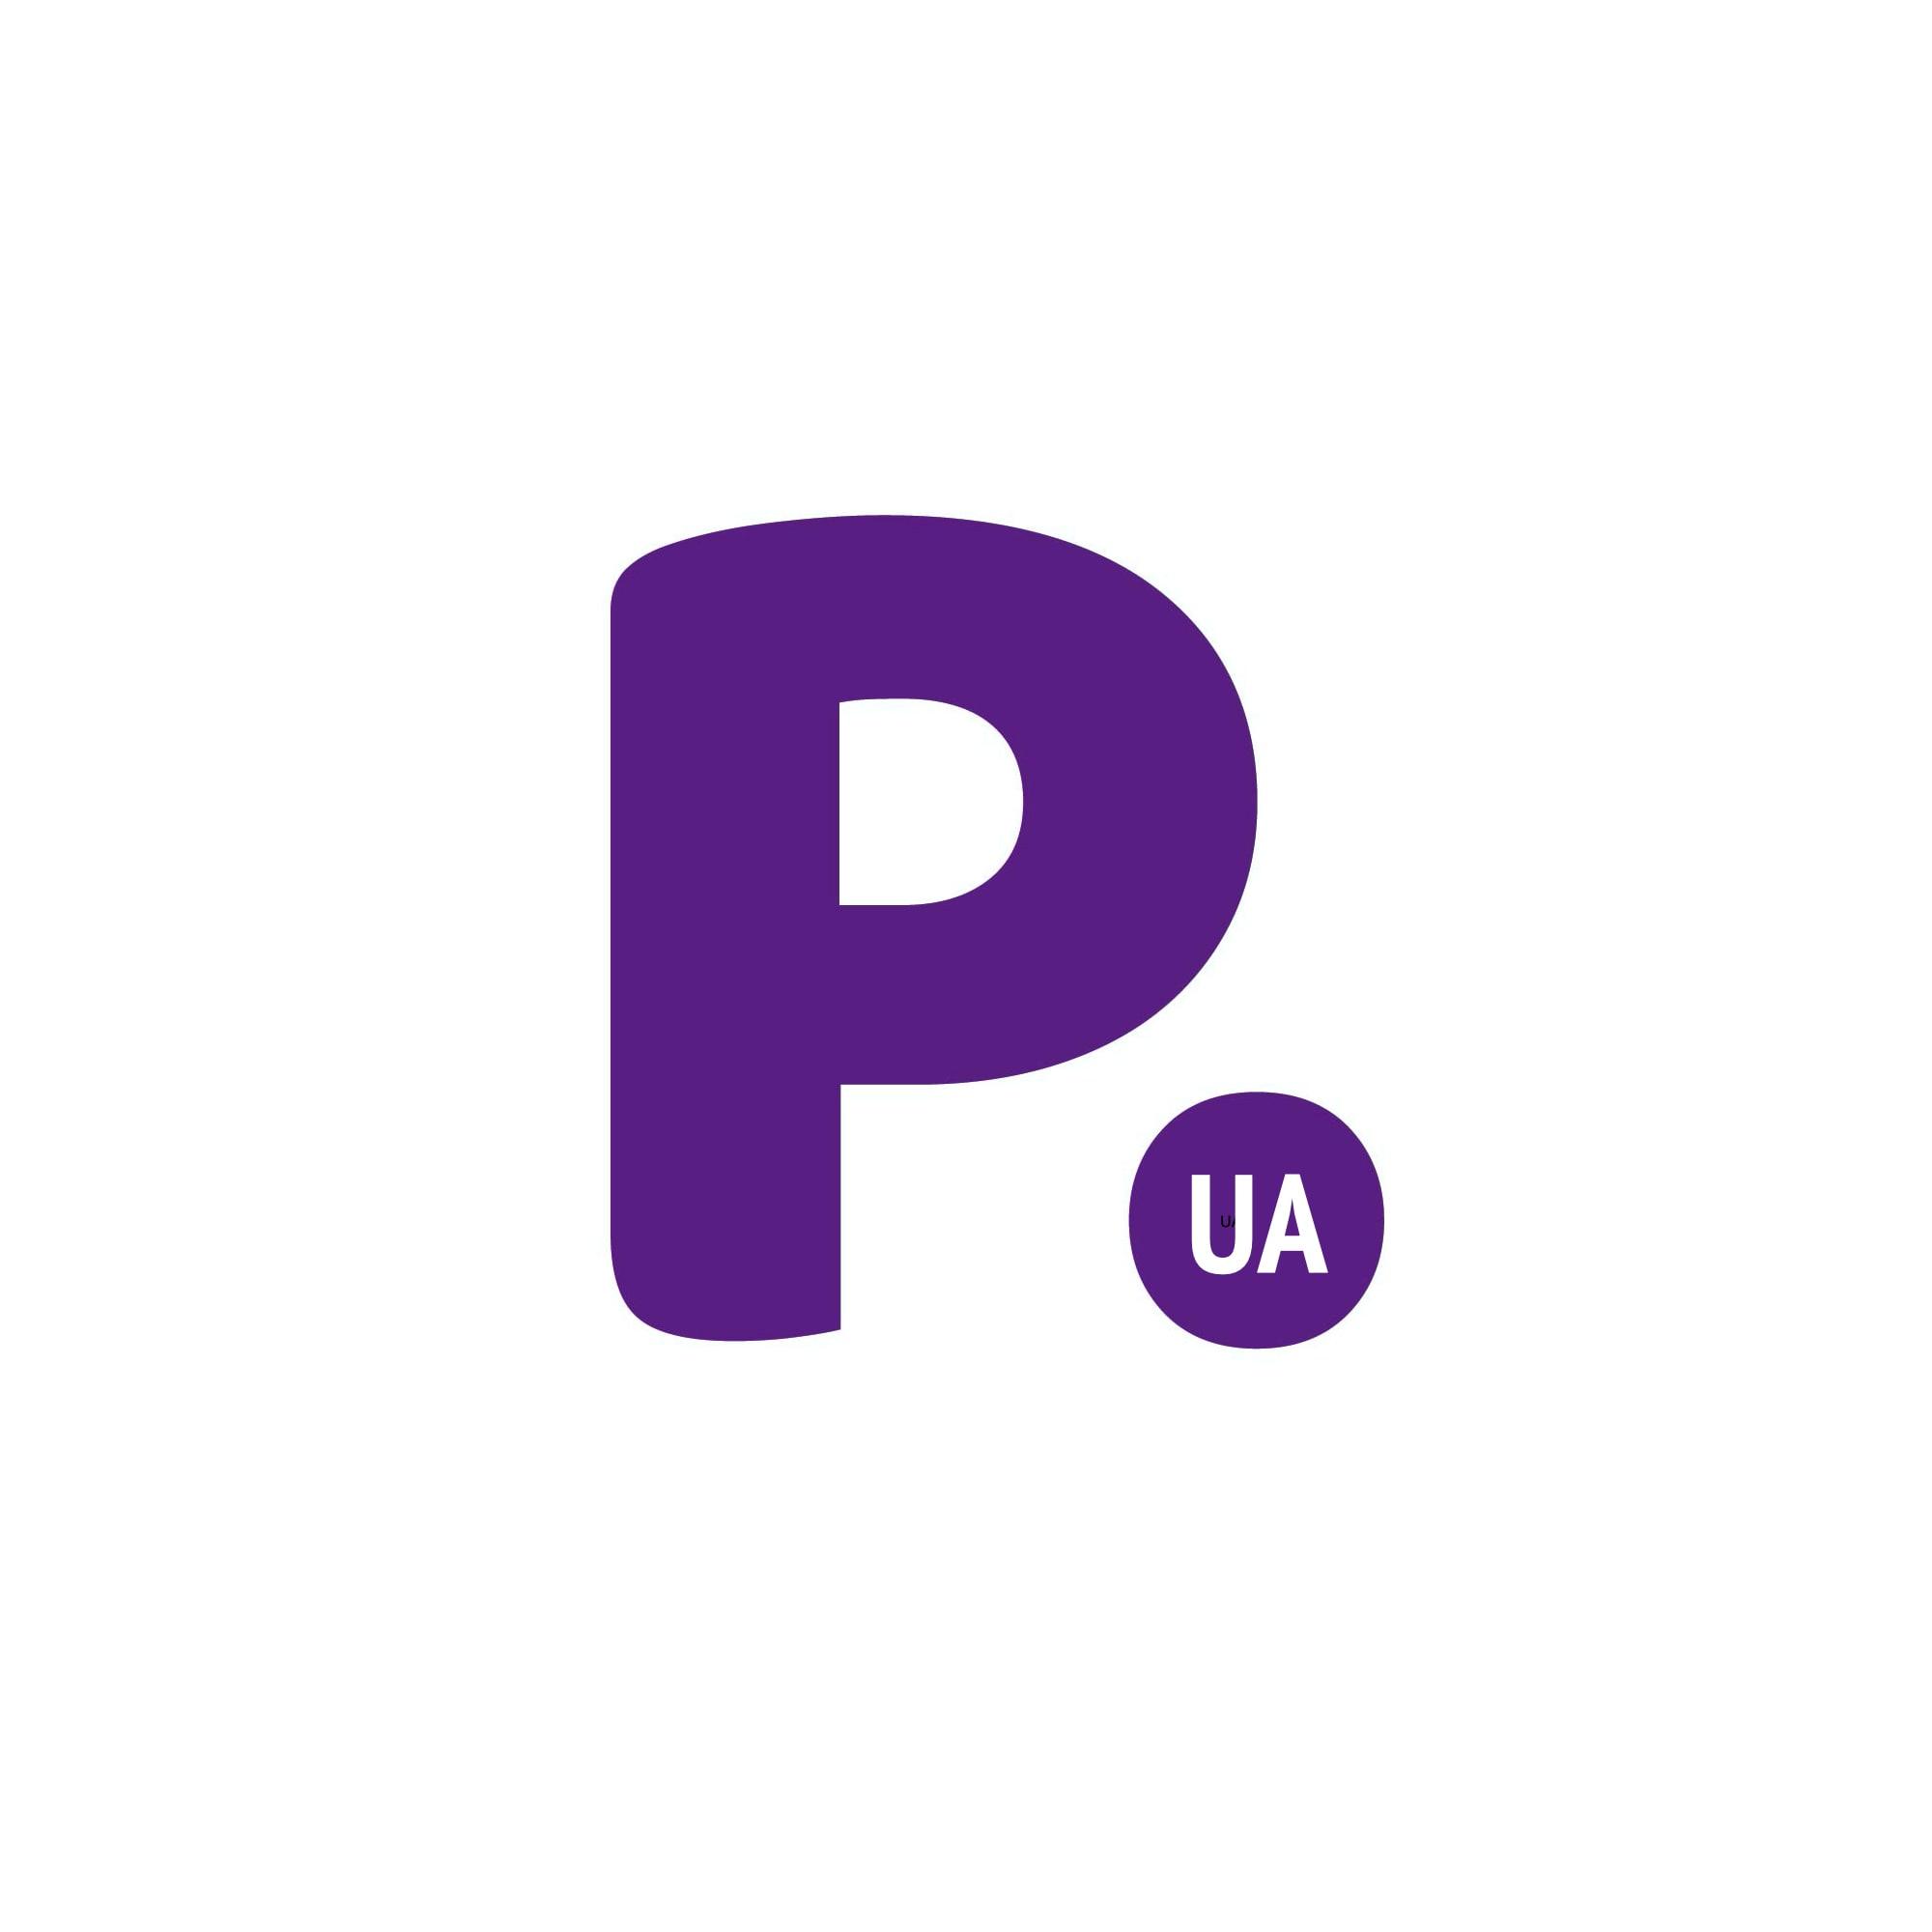 Принтер A4 Pantum P3200DN (BA9A-1910-AS0)